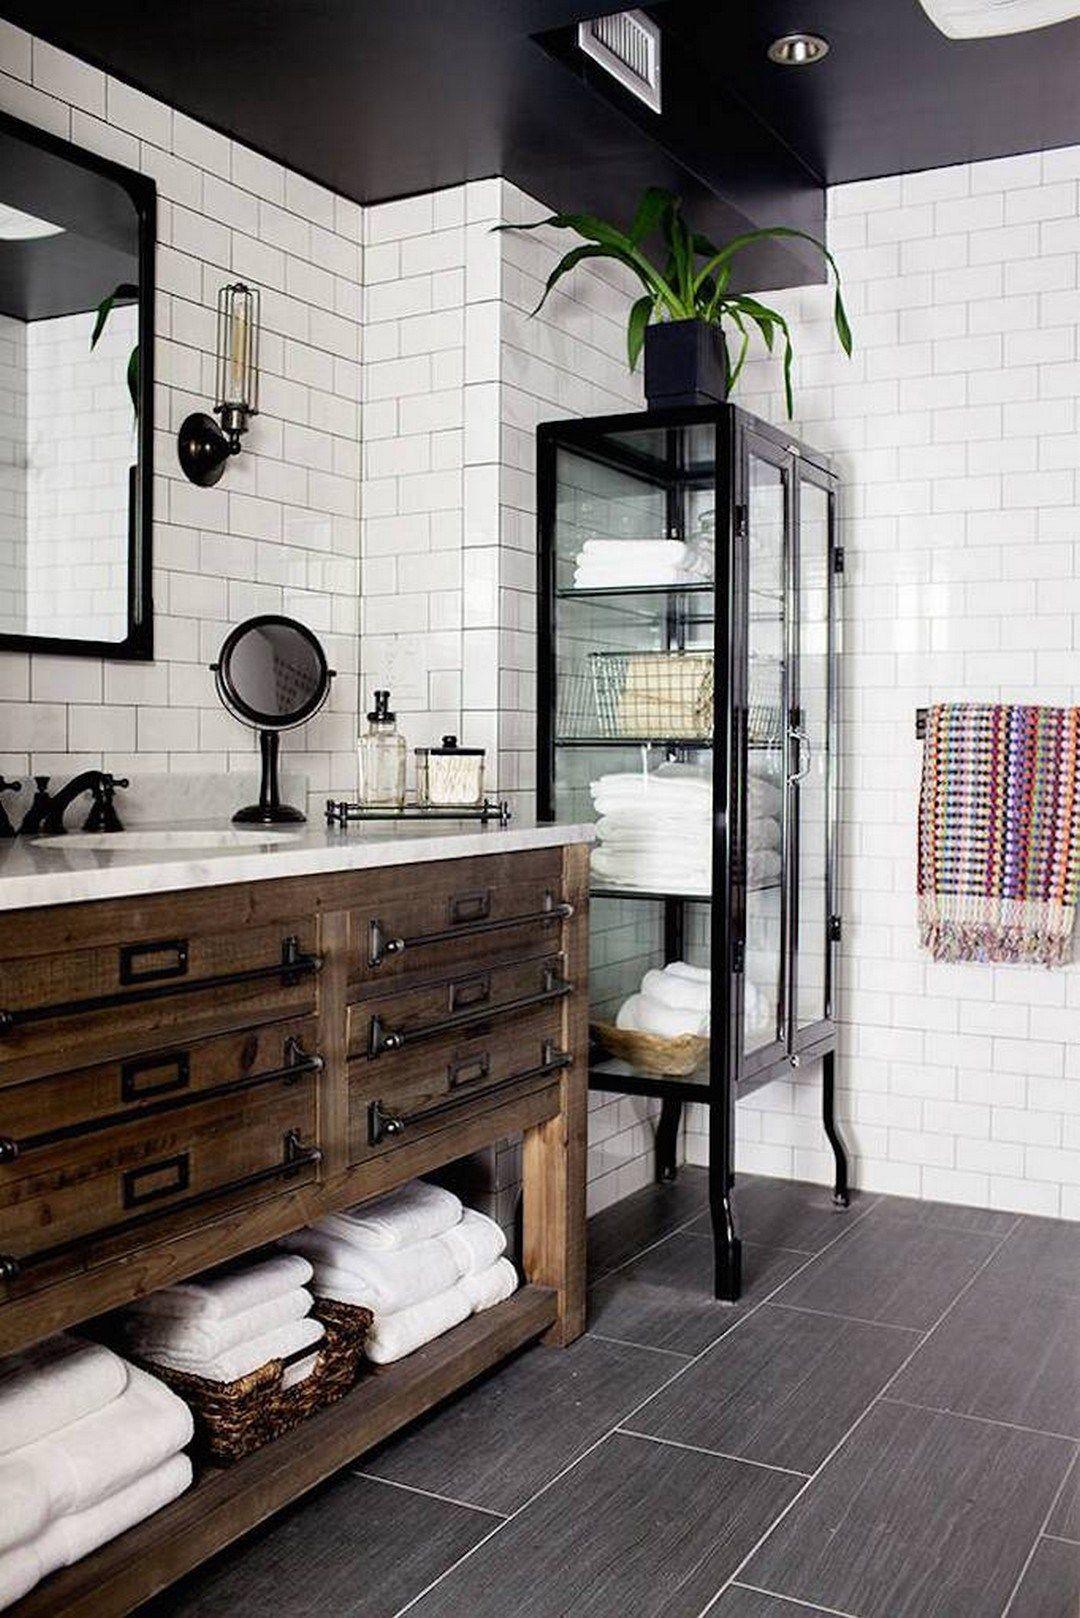 99 New Trends Bathroom Tile Design Inspiration 2017 21jpg 10801618 99 New Trends Bathroom Tile Design Inspiration 2017 21jpg 1080